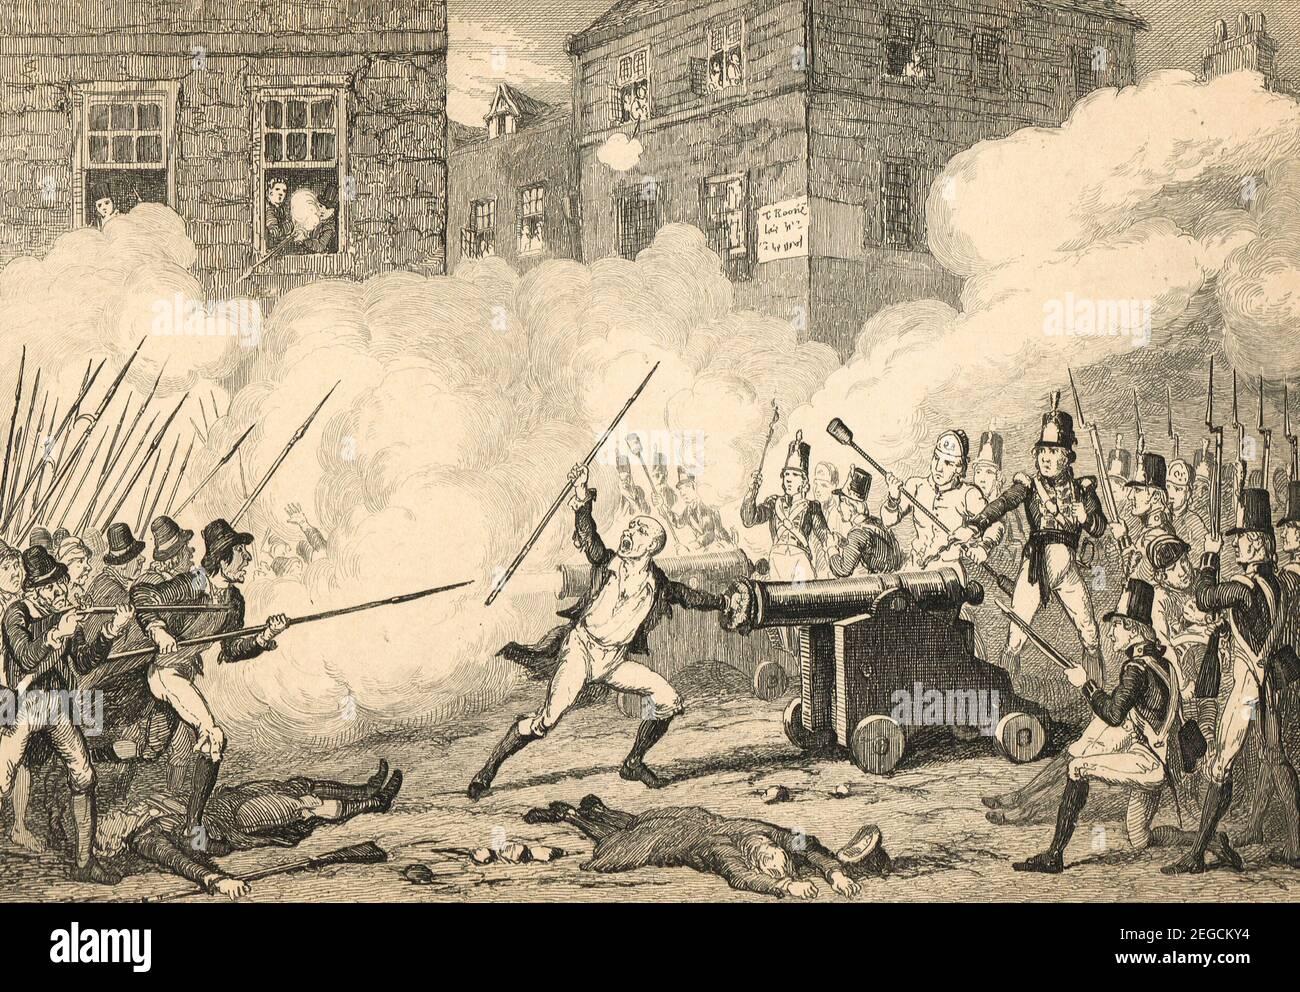 La batalla de Nueva Ross, también conocida como batalla de Ross, 5 de junio de 1798, durante la rebelión irlandesa de 1798 Foto de stock